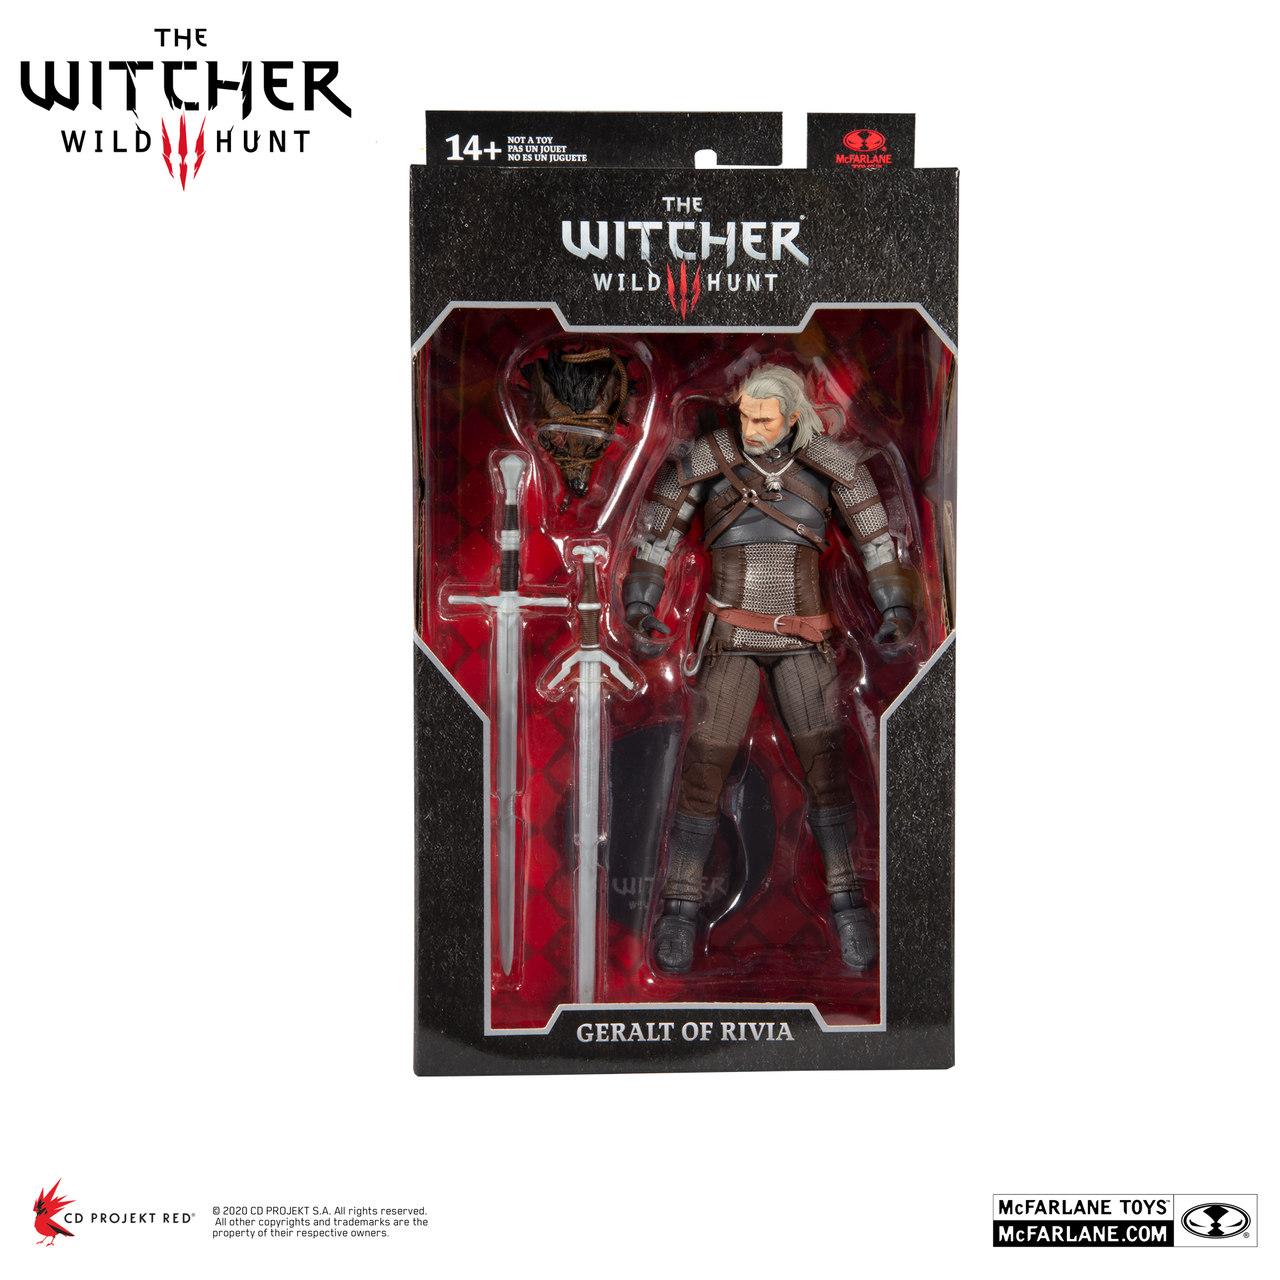 Action Figure Geralt De Rivia: The Witcher 3 Wild Hunt 31 cm - MCFarlane Toys